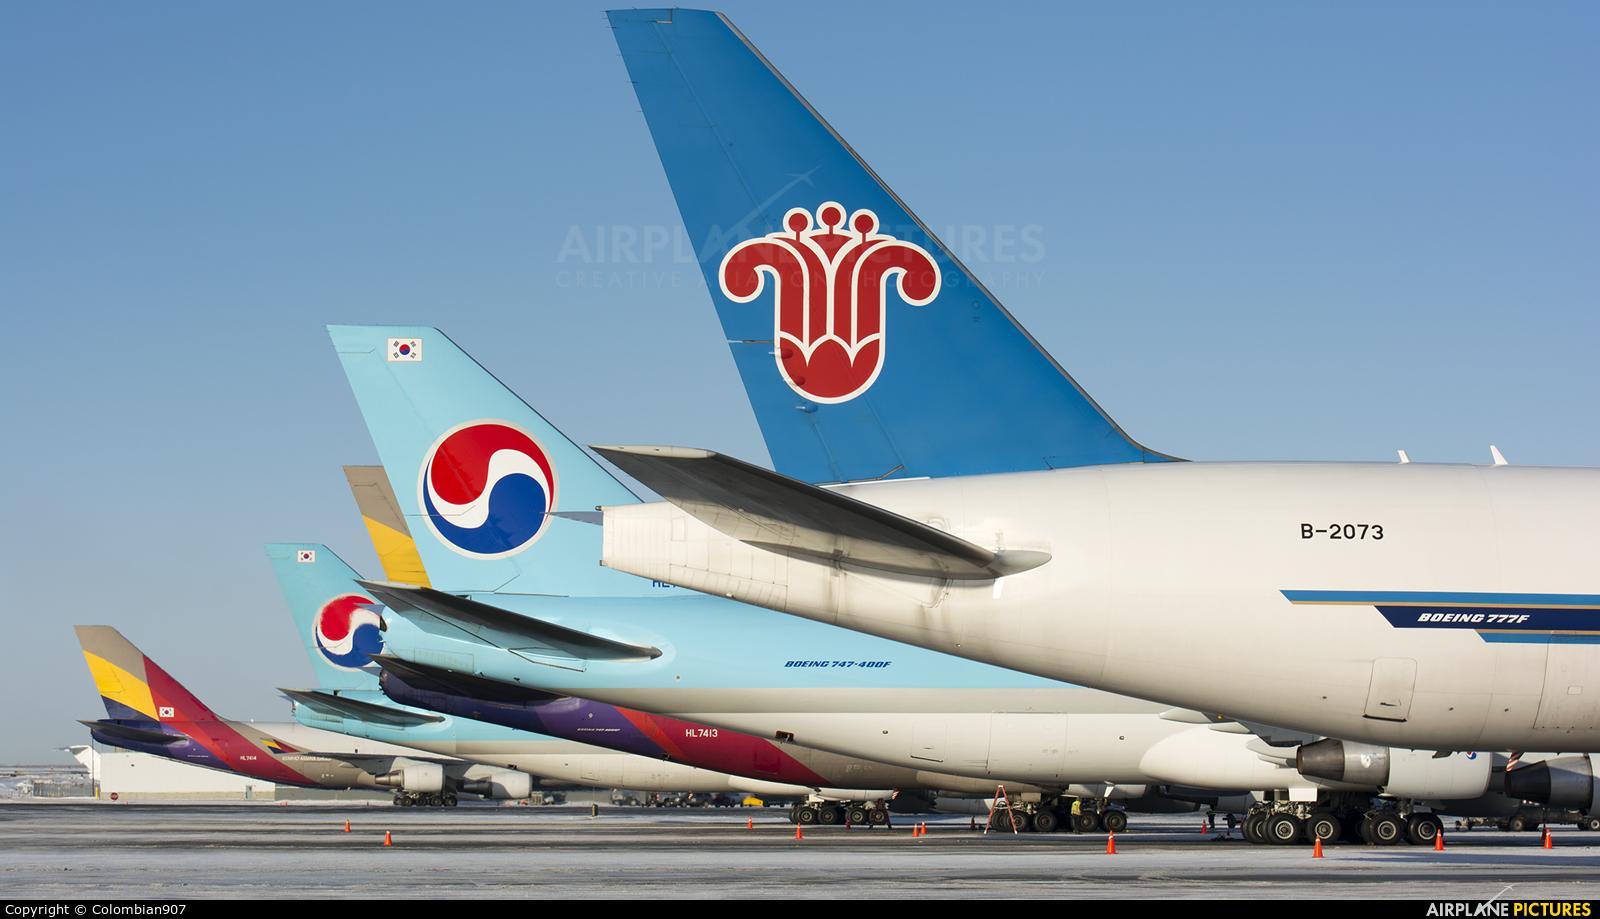 China Southern Cargo B-2073 aircraft at Anchorage - Ted Stevens Intl / Kulis Air National Guard Base